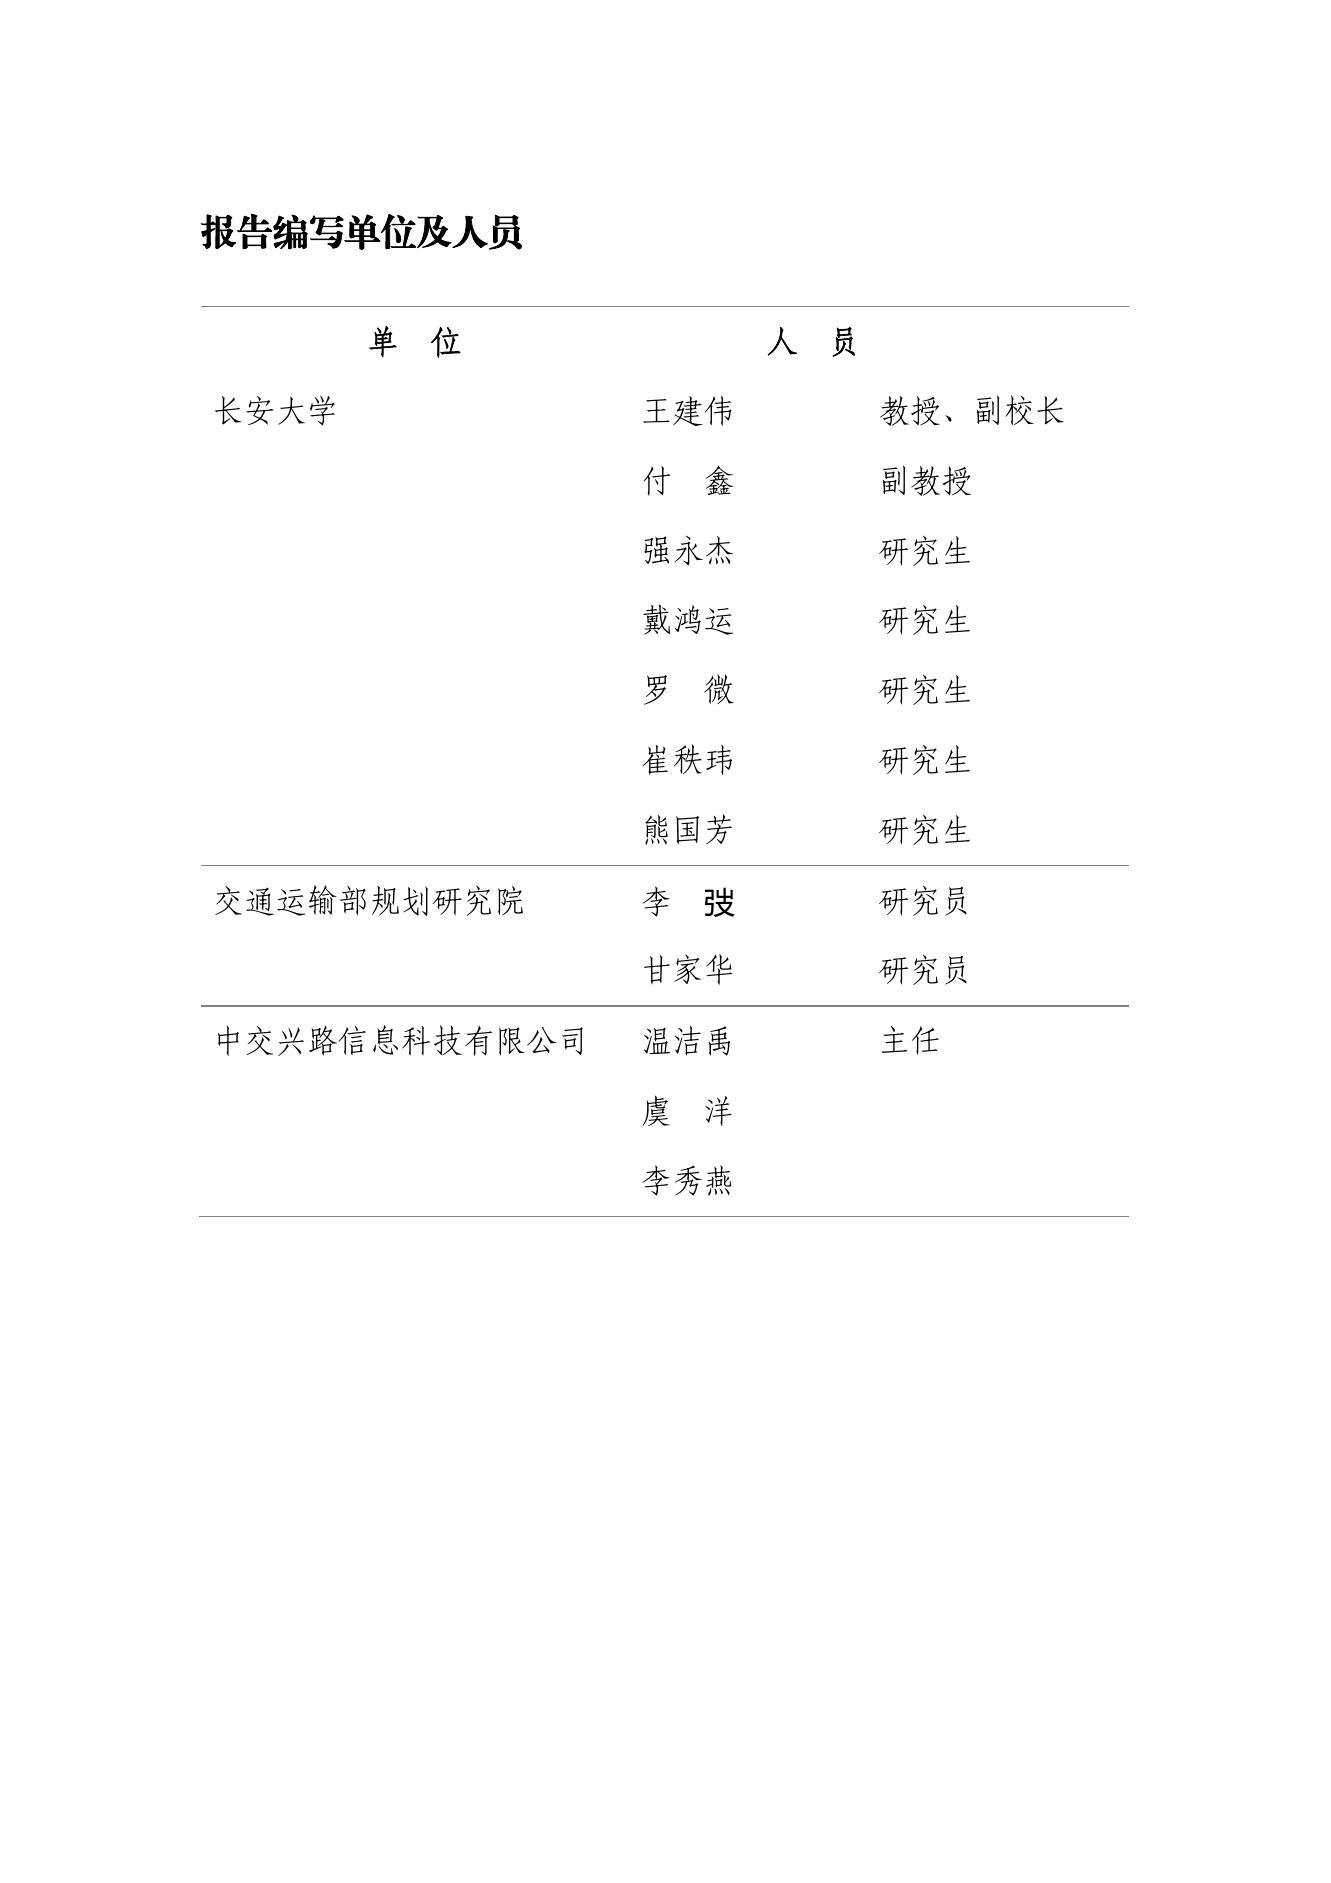 长安大学:中国公路货运疫情影响分析简报(可下载报告)插图(47)